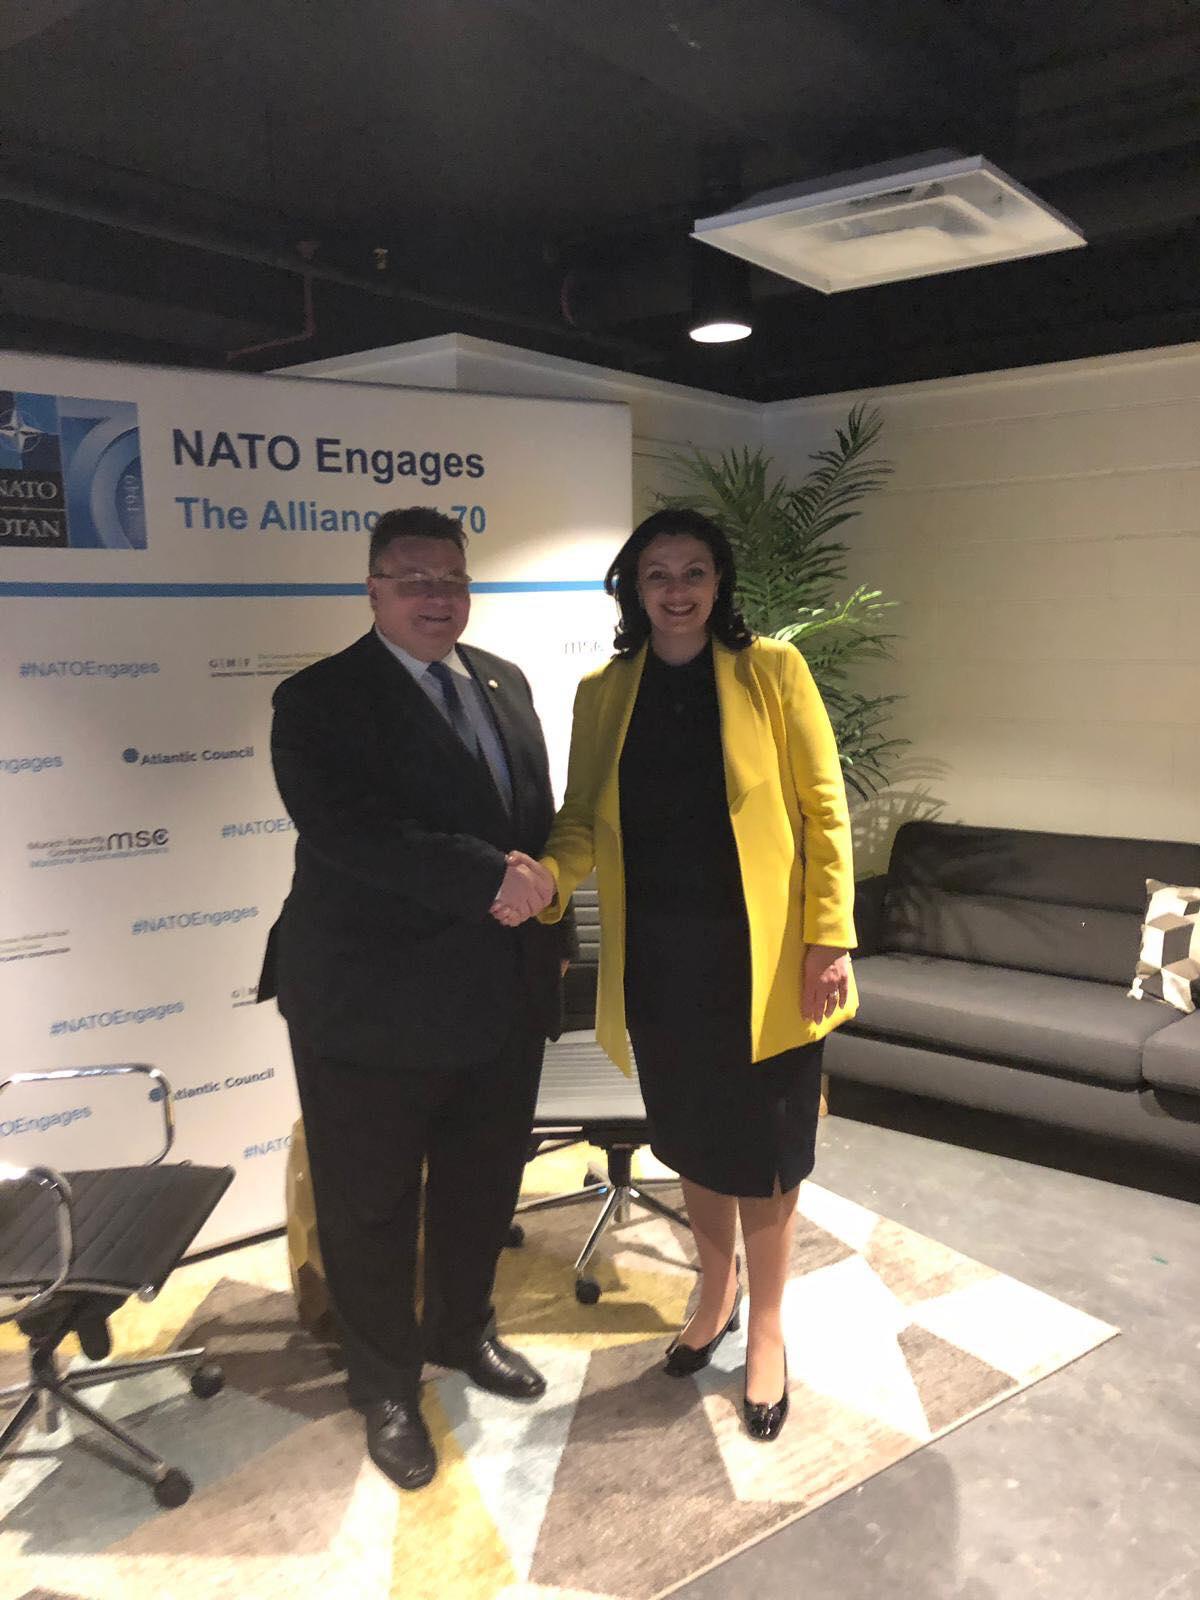 Україна зацікавлена у розвитку співпраці з Литвою щодо приведення Збройних Сил у відповідність до стандартів НАТО, - Іванна Климпуш-Цинцадзе у Вашингтоні